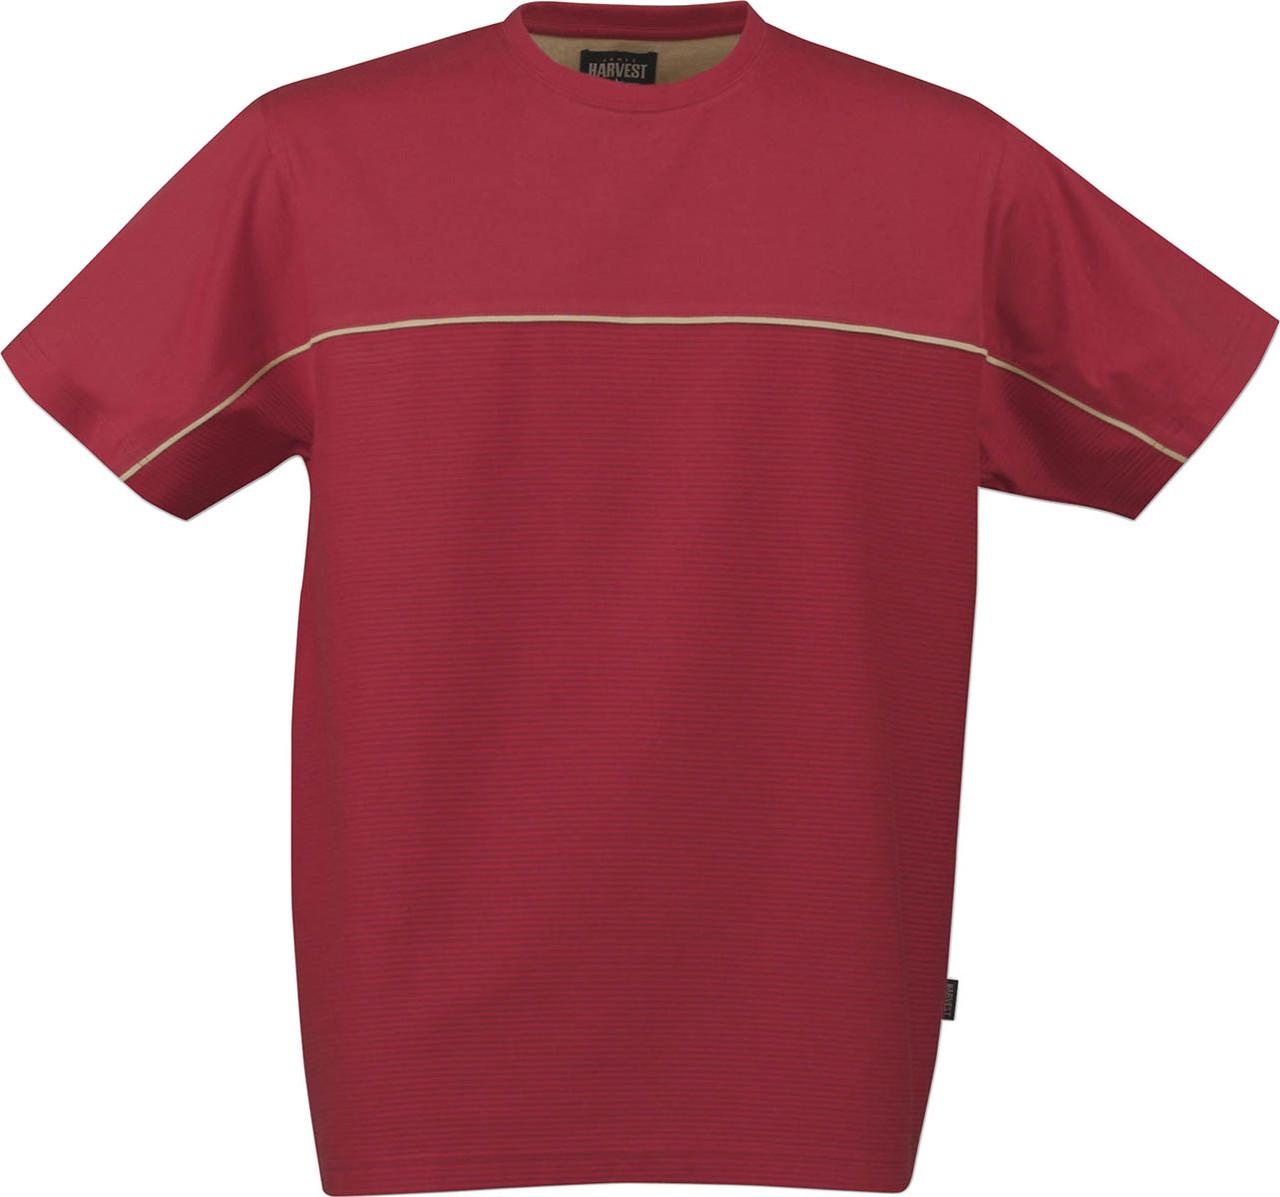 Футболка Newport от ТМ James Harvest (цвет красный)